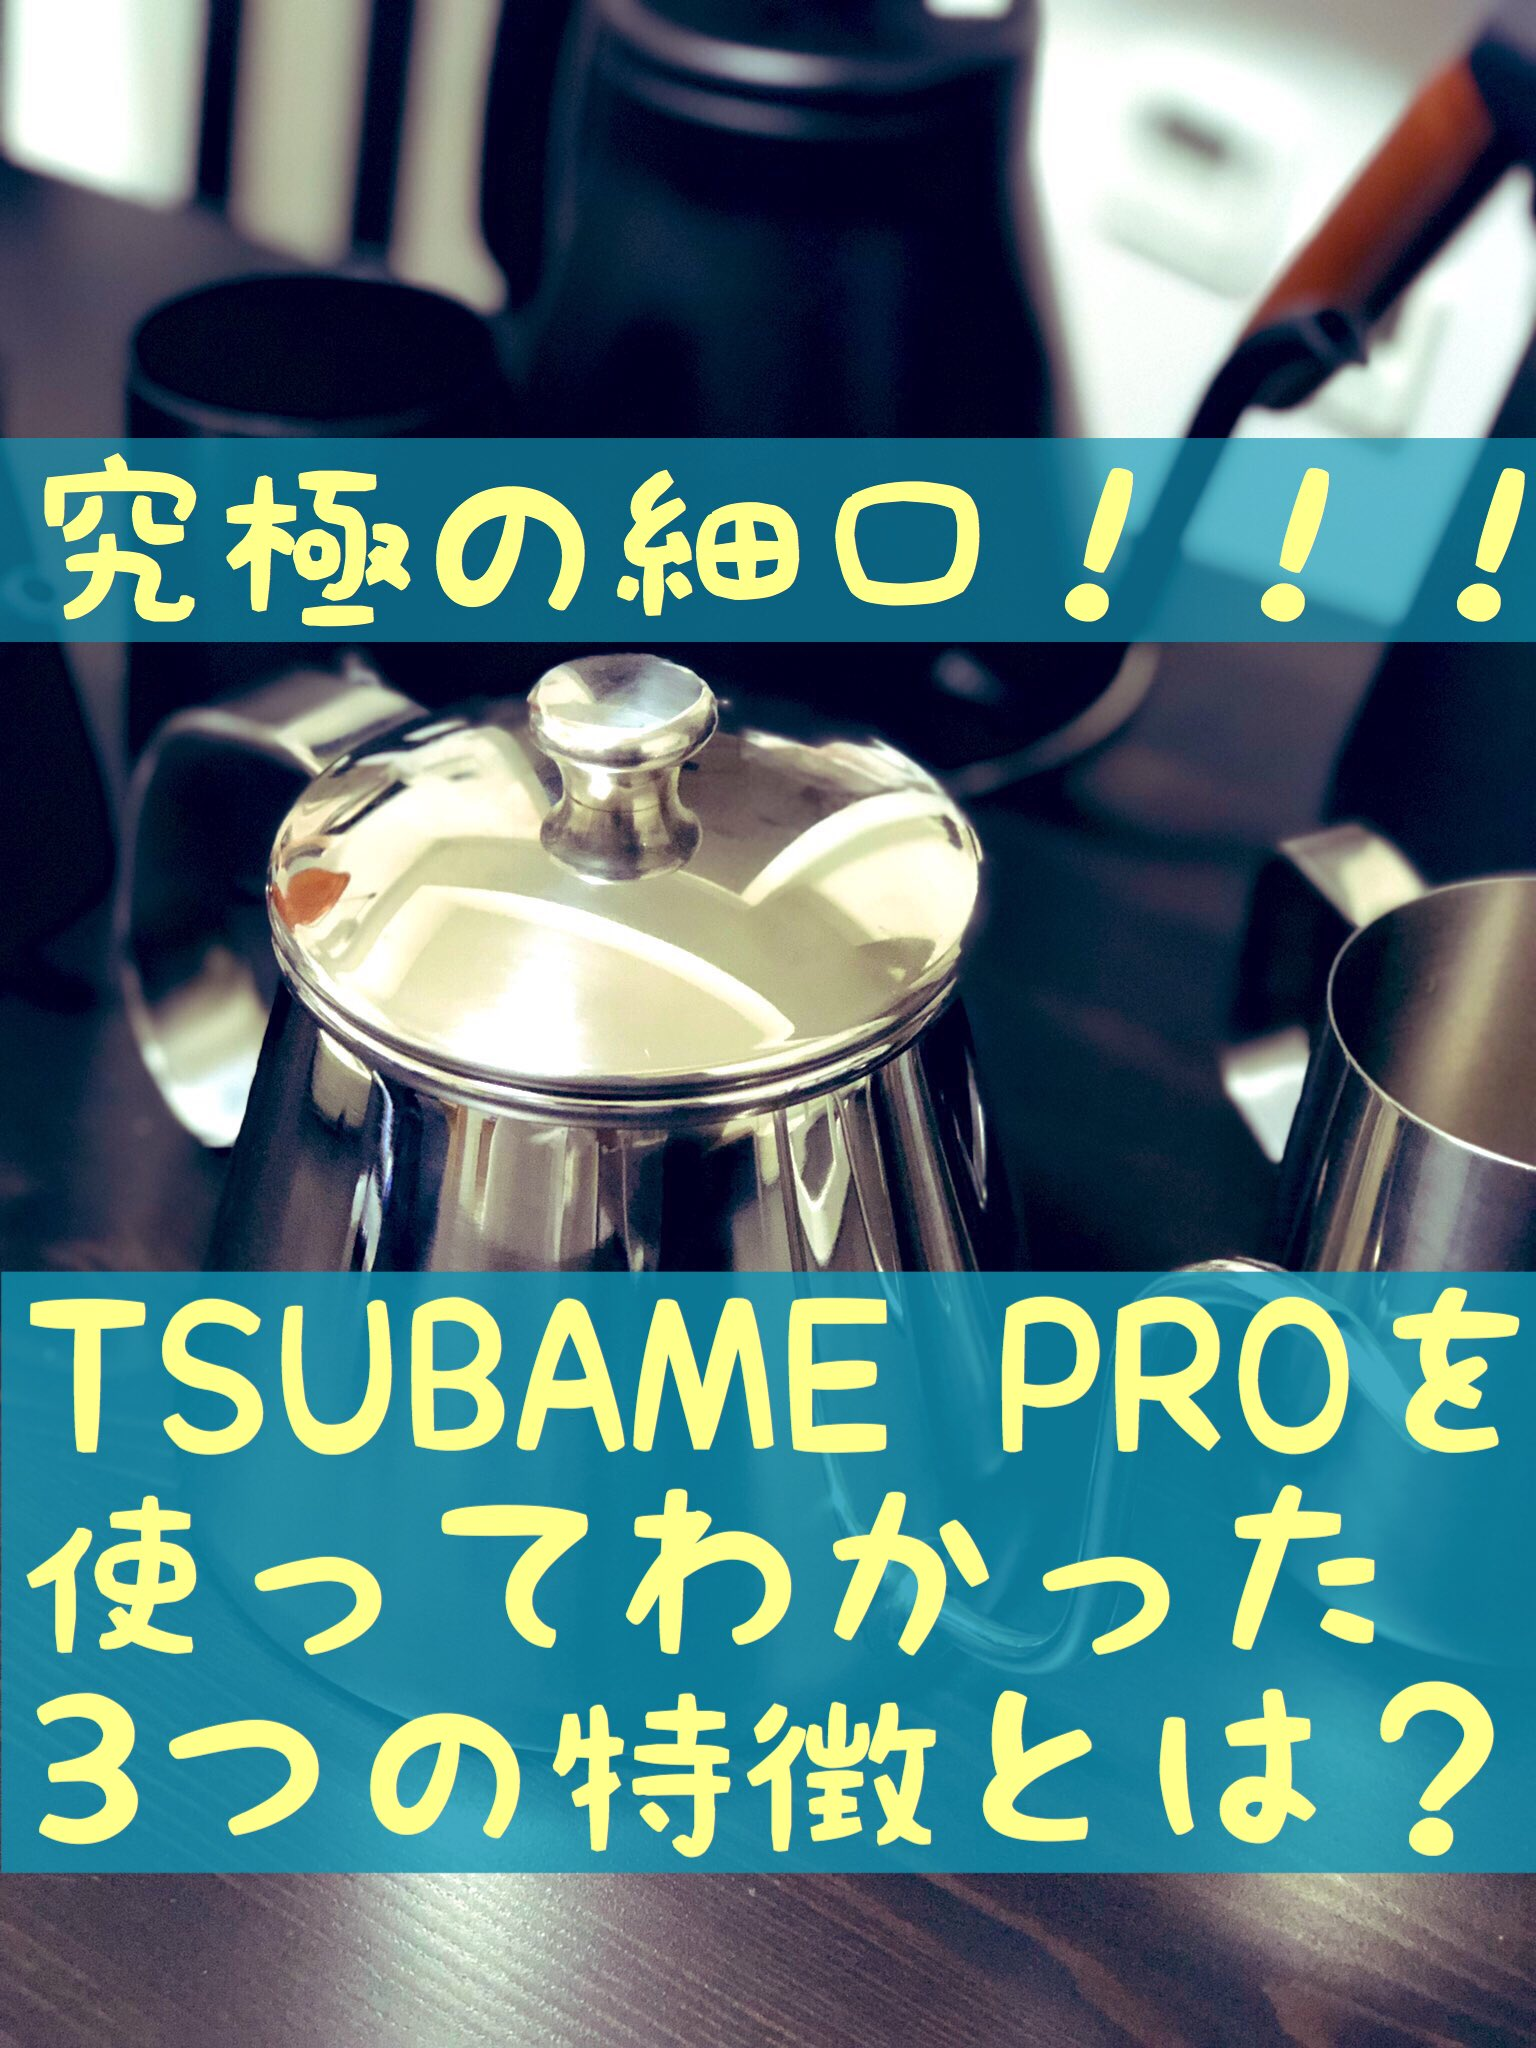 【大容量&細口ドリップポット】三洋産業☆TUBAME PROの3つの特徴とオススメの抽出法とは?